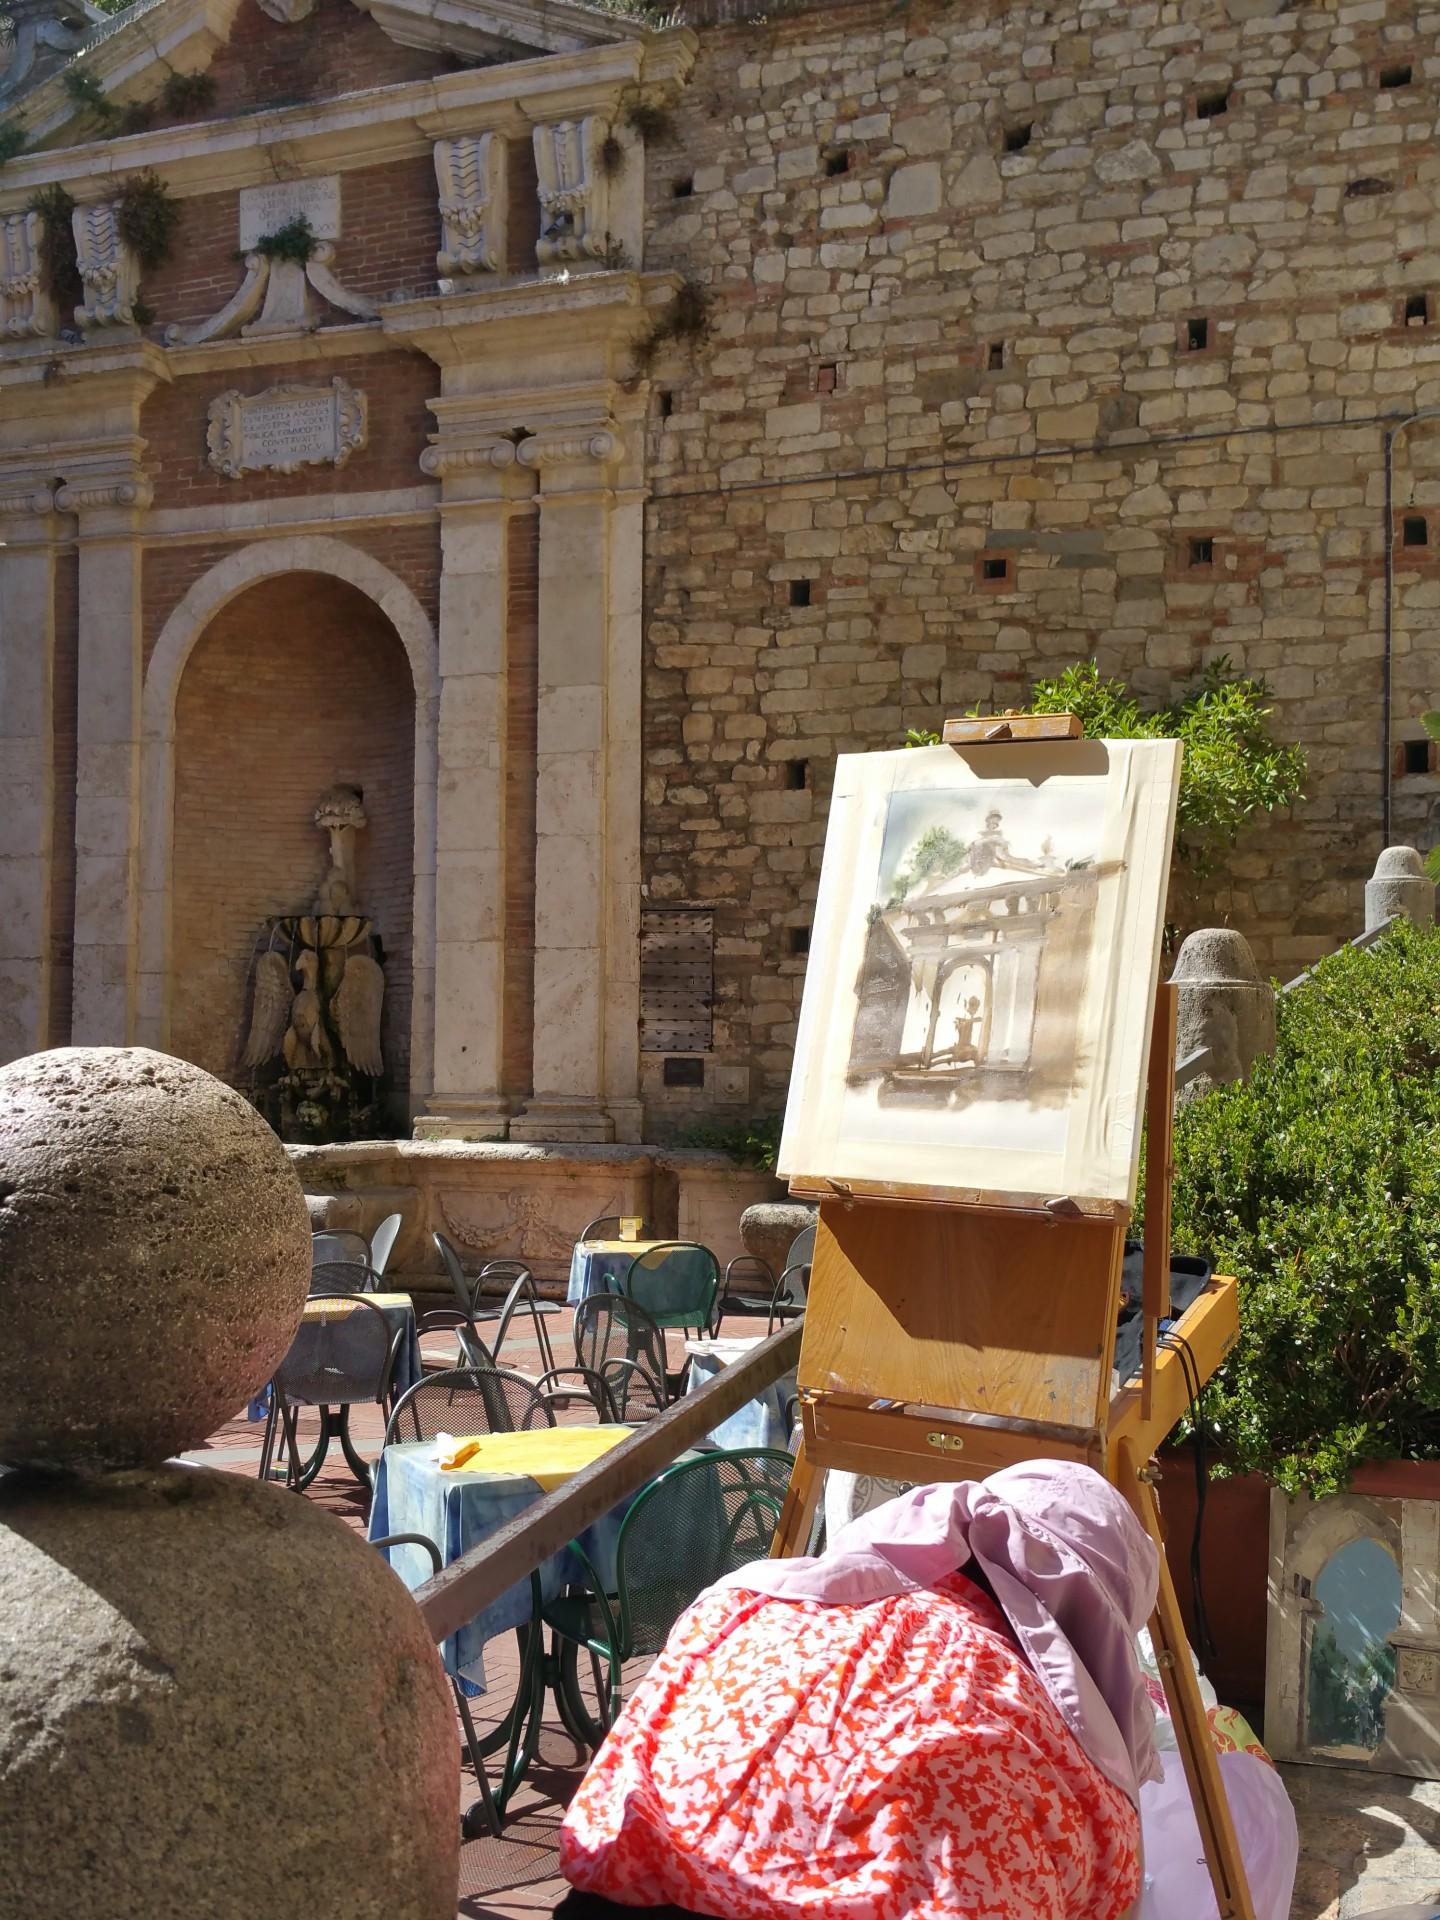 Hotel Fonte Cesia - la photogallery - photogallery - Corso di pittura